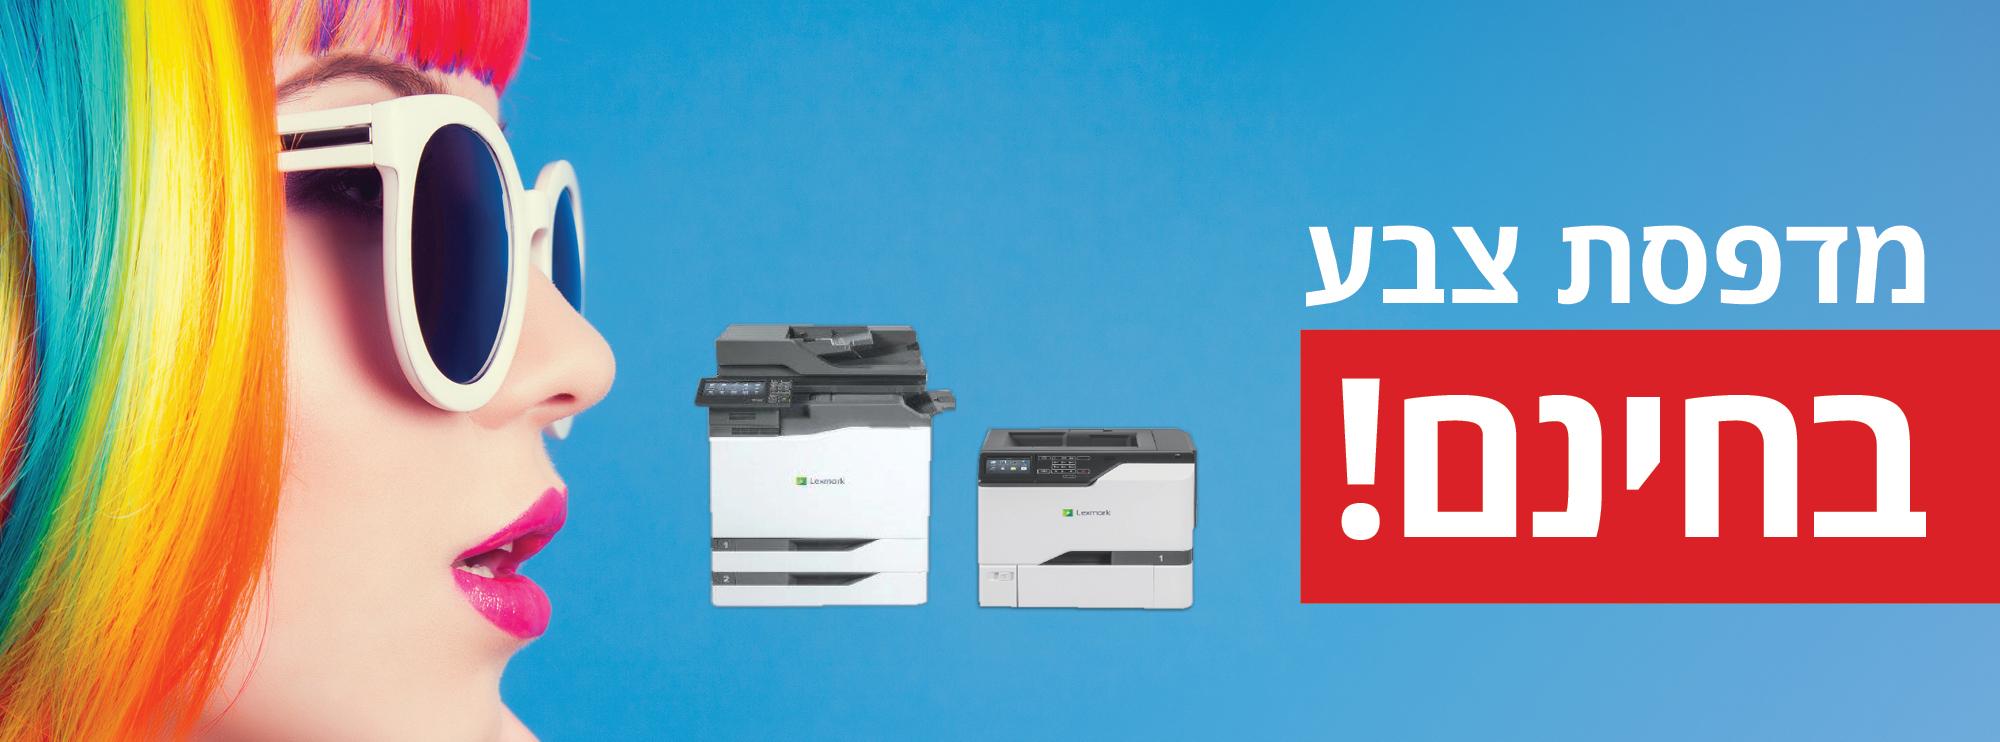 14 56 sizes printer2